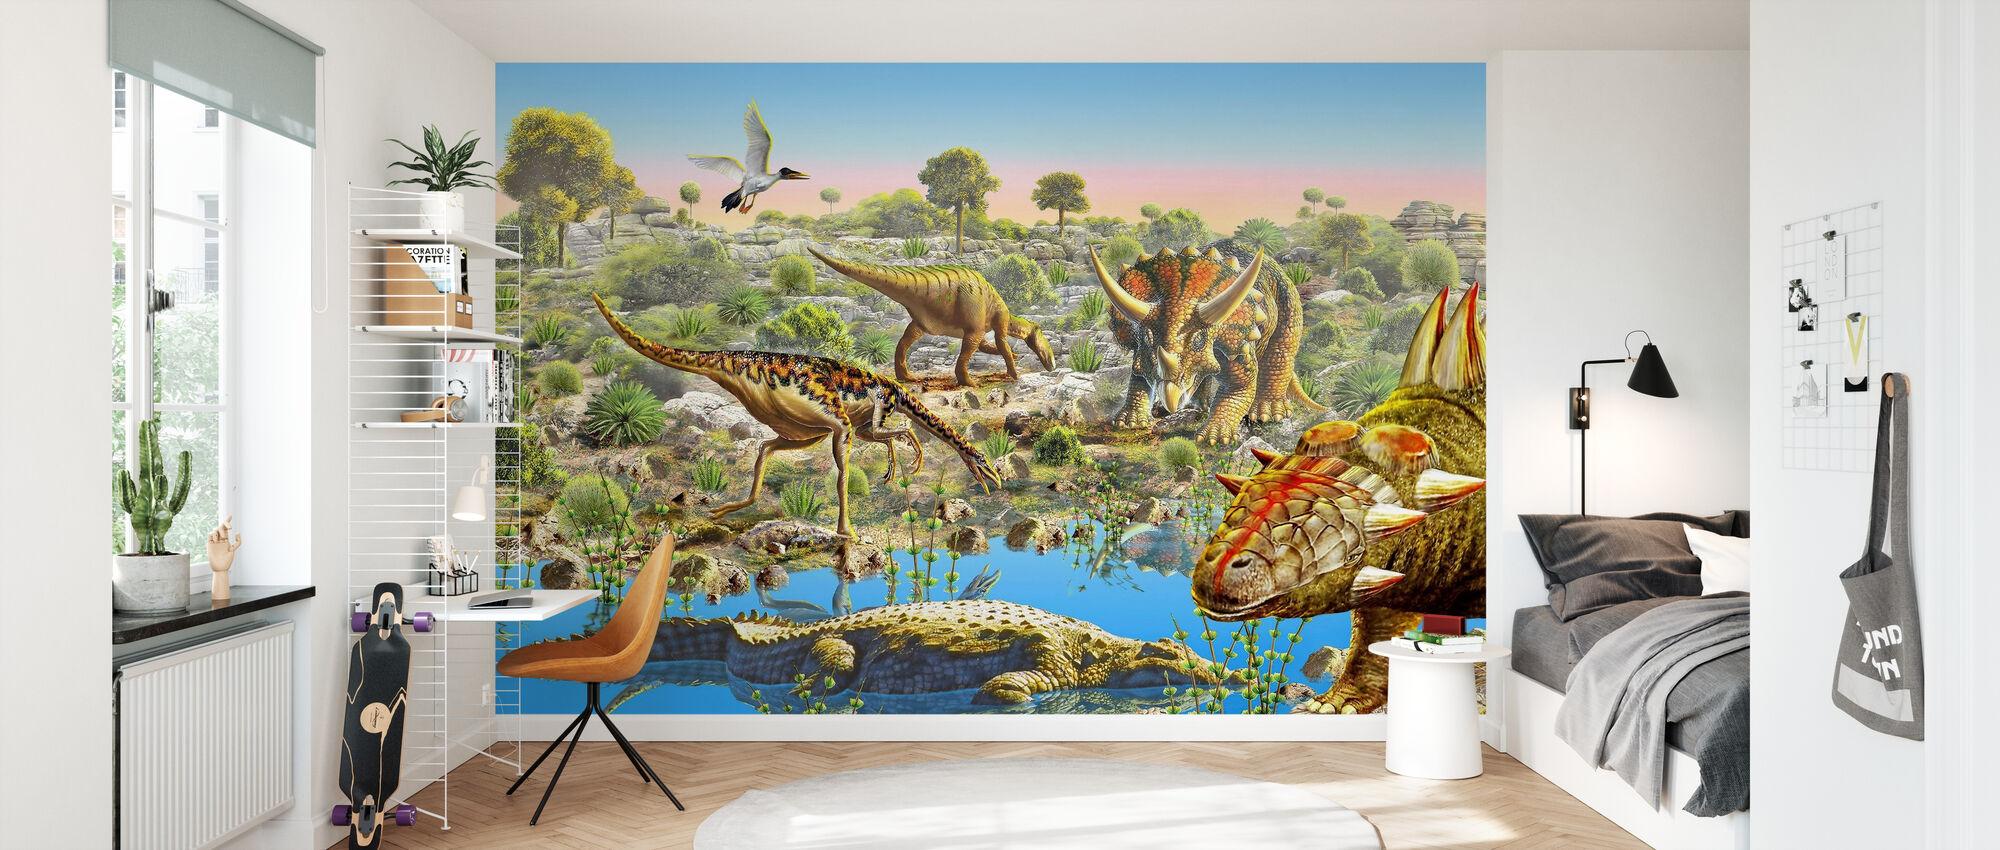 Dinosaur Valley - Wallpaper - Kids Room